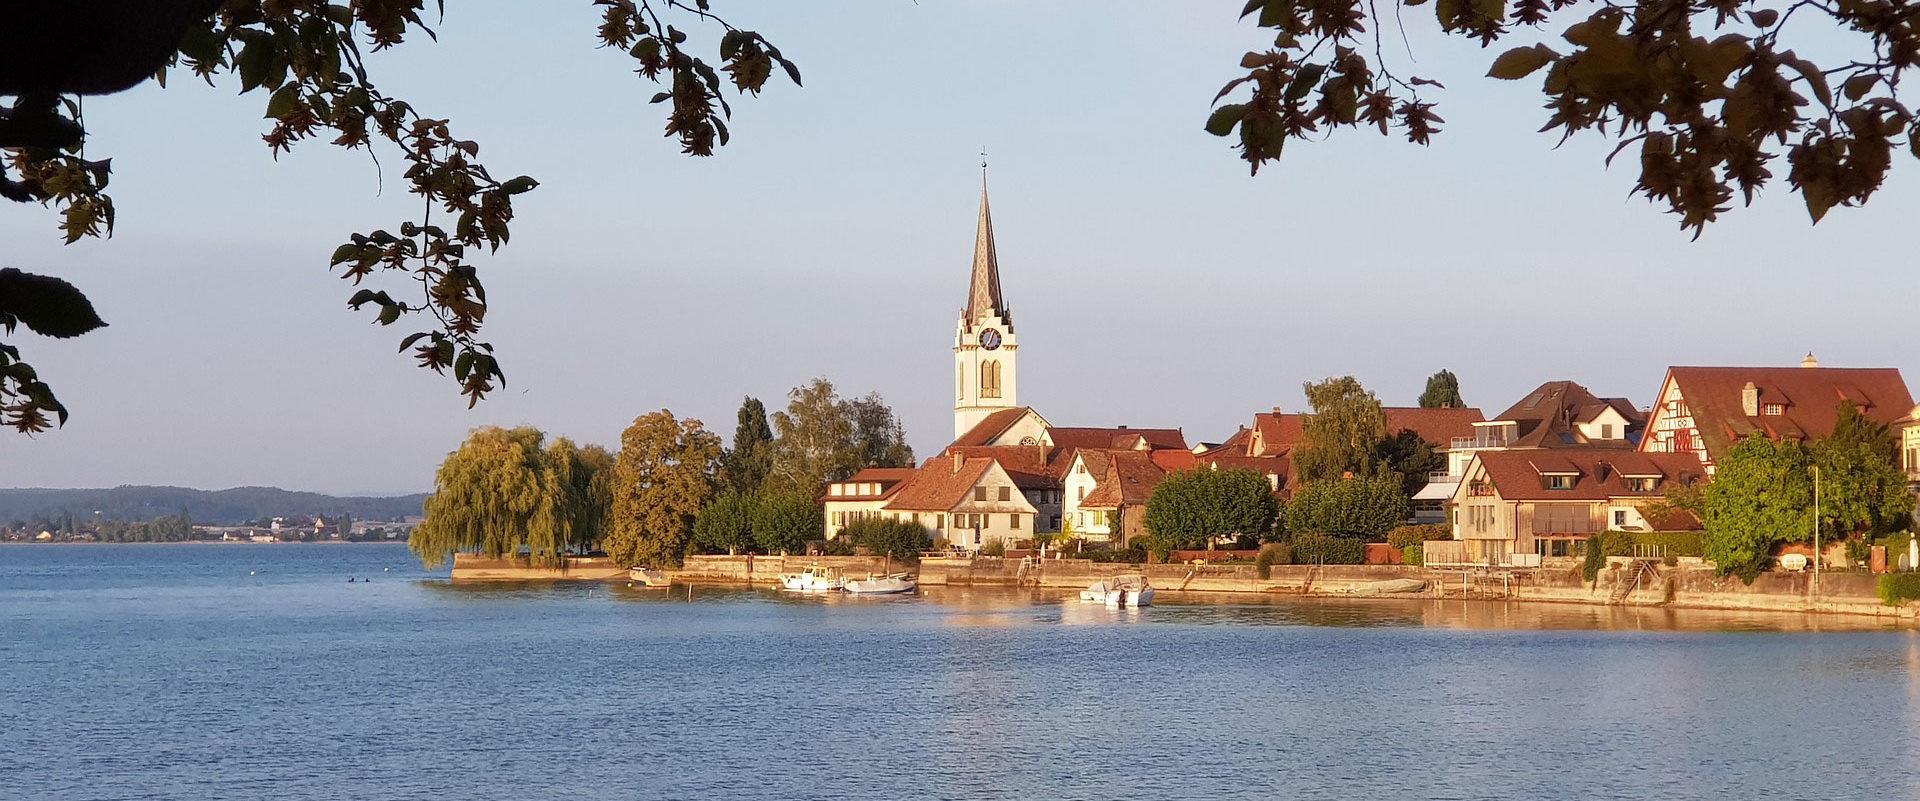 Firmenreisen und Incentive Reisen am Bodensee mit b-ceed